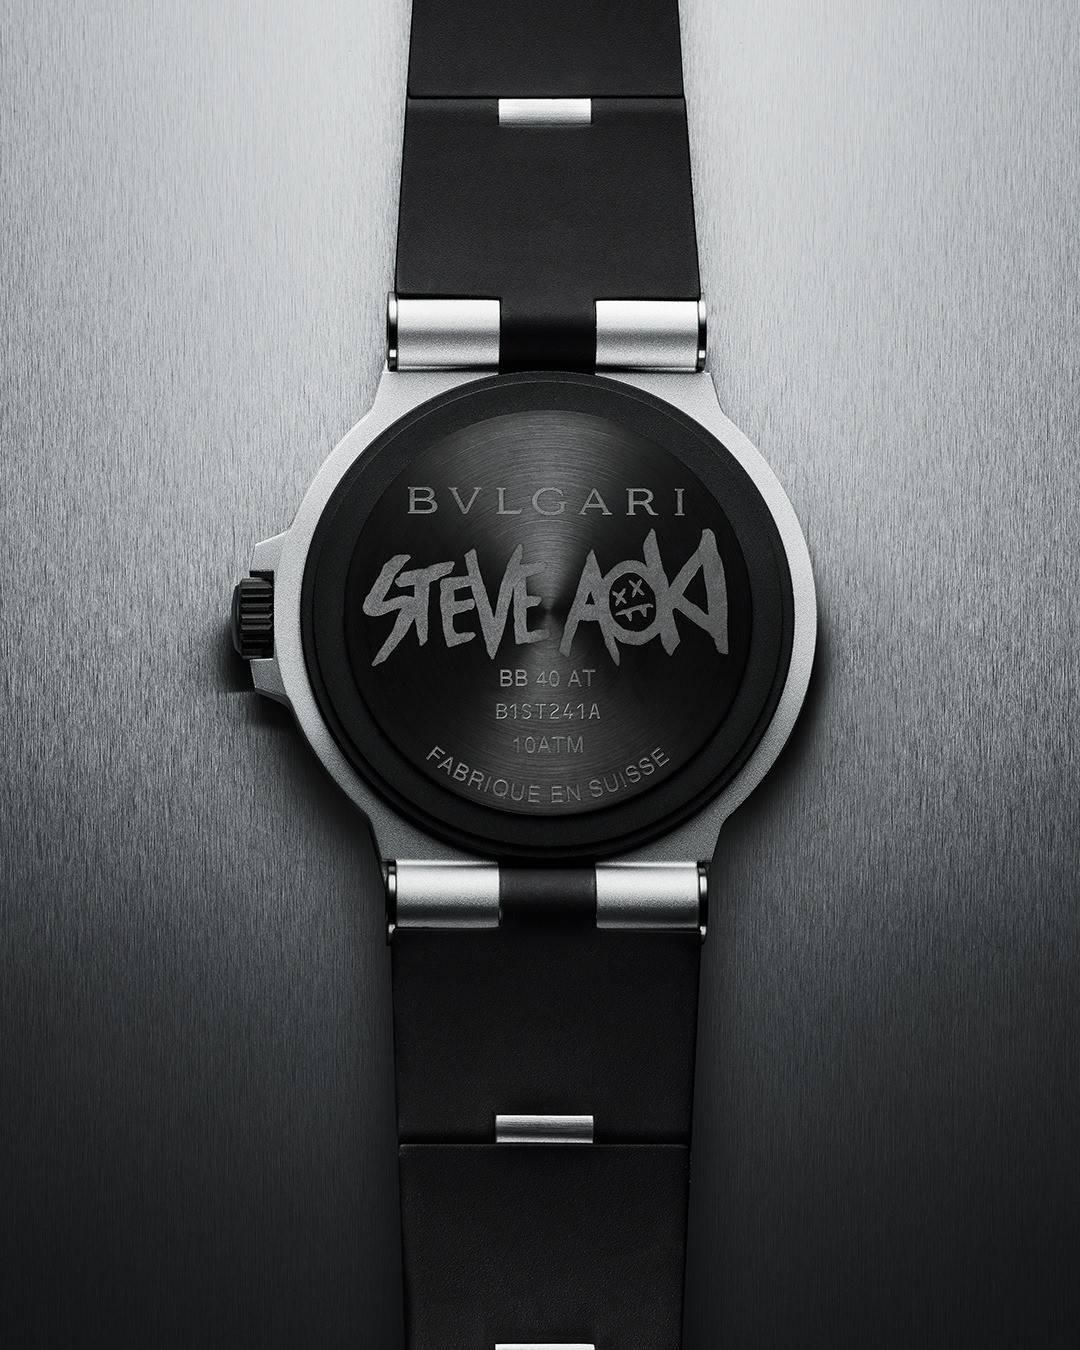 Steve Aoki.